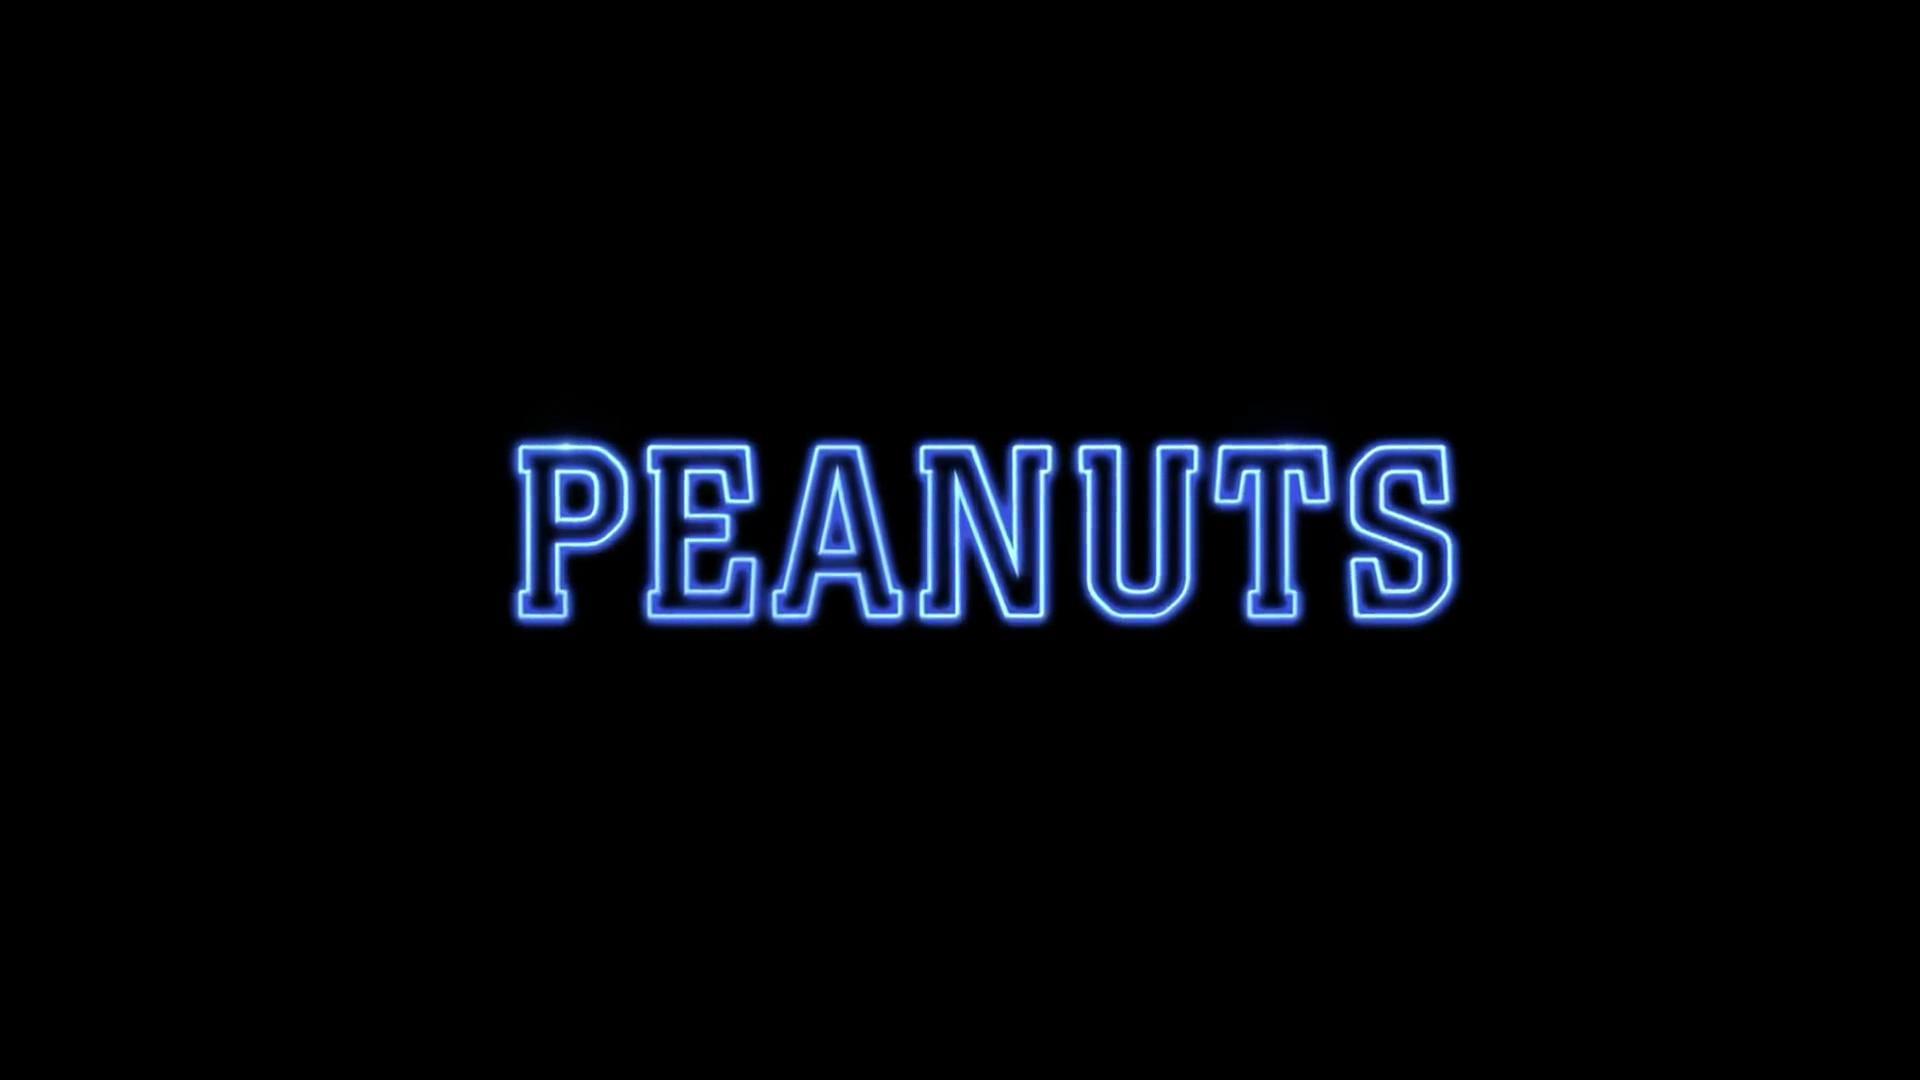 Peanuts-57-title-2